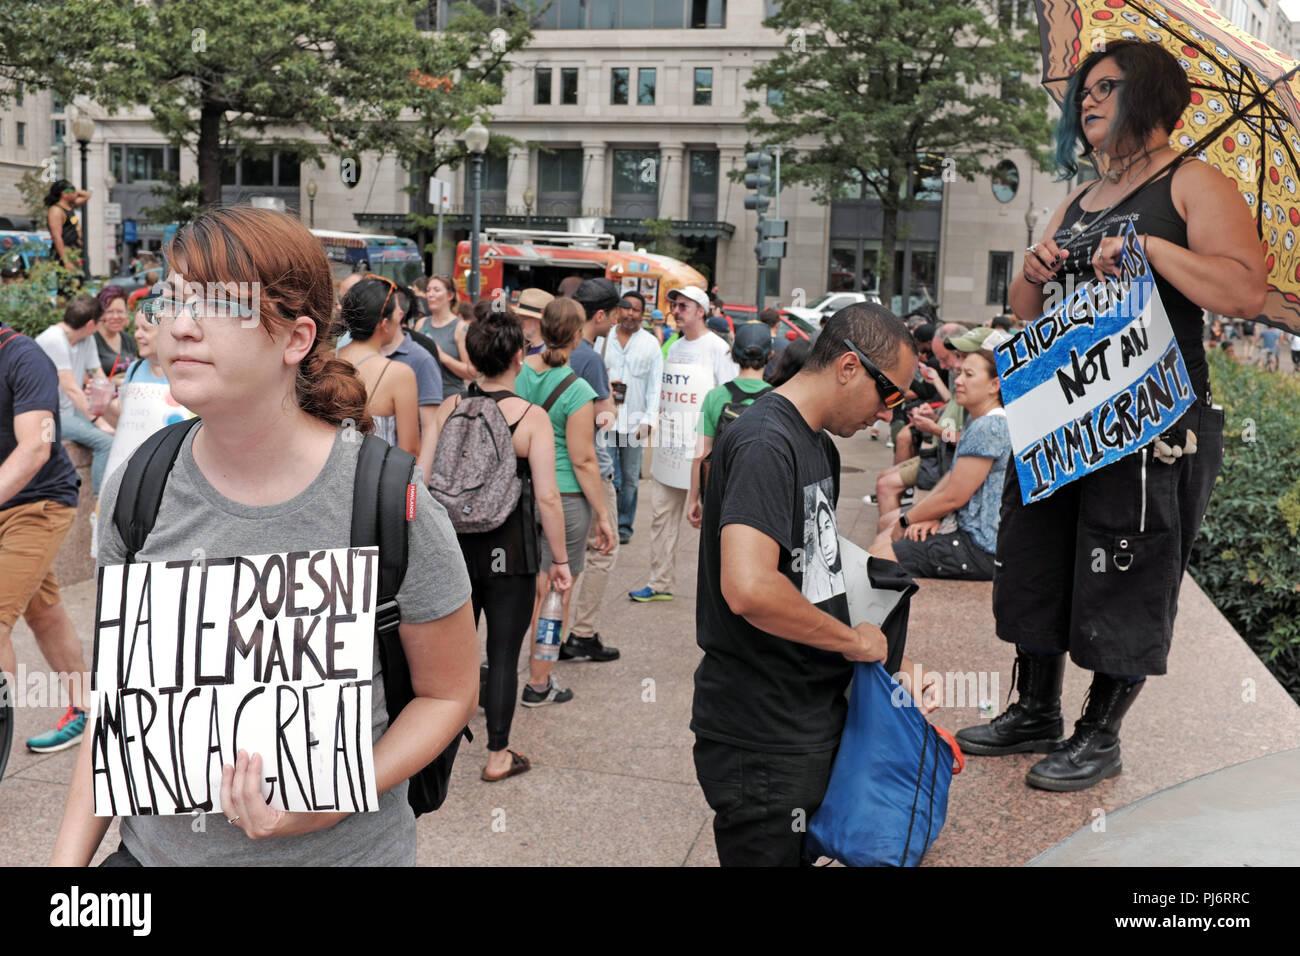 Odio No hacer América gran signo en el rally en el Parque de la libertad en Washington D.C. dirigidas a contrarrestar el alt-derecha rally en Lafayette Park Imagen De Stock